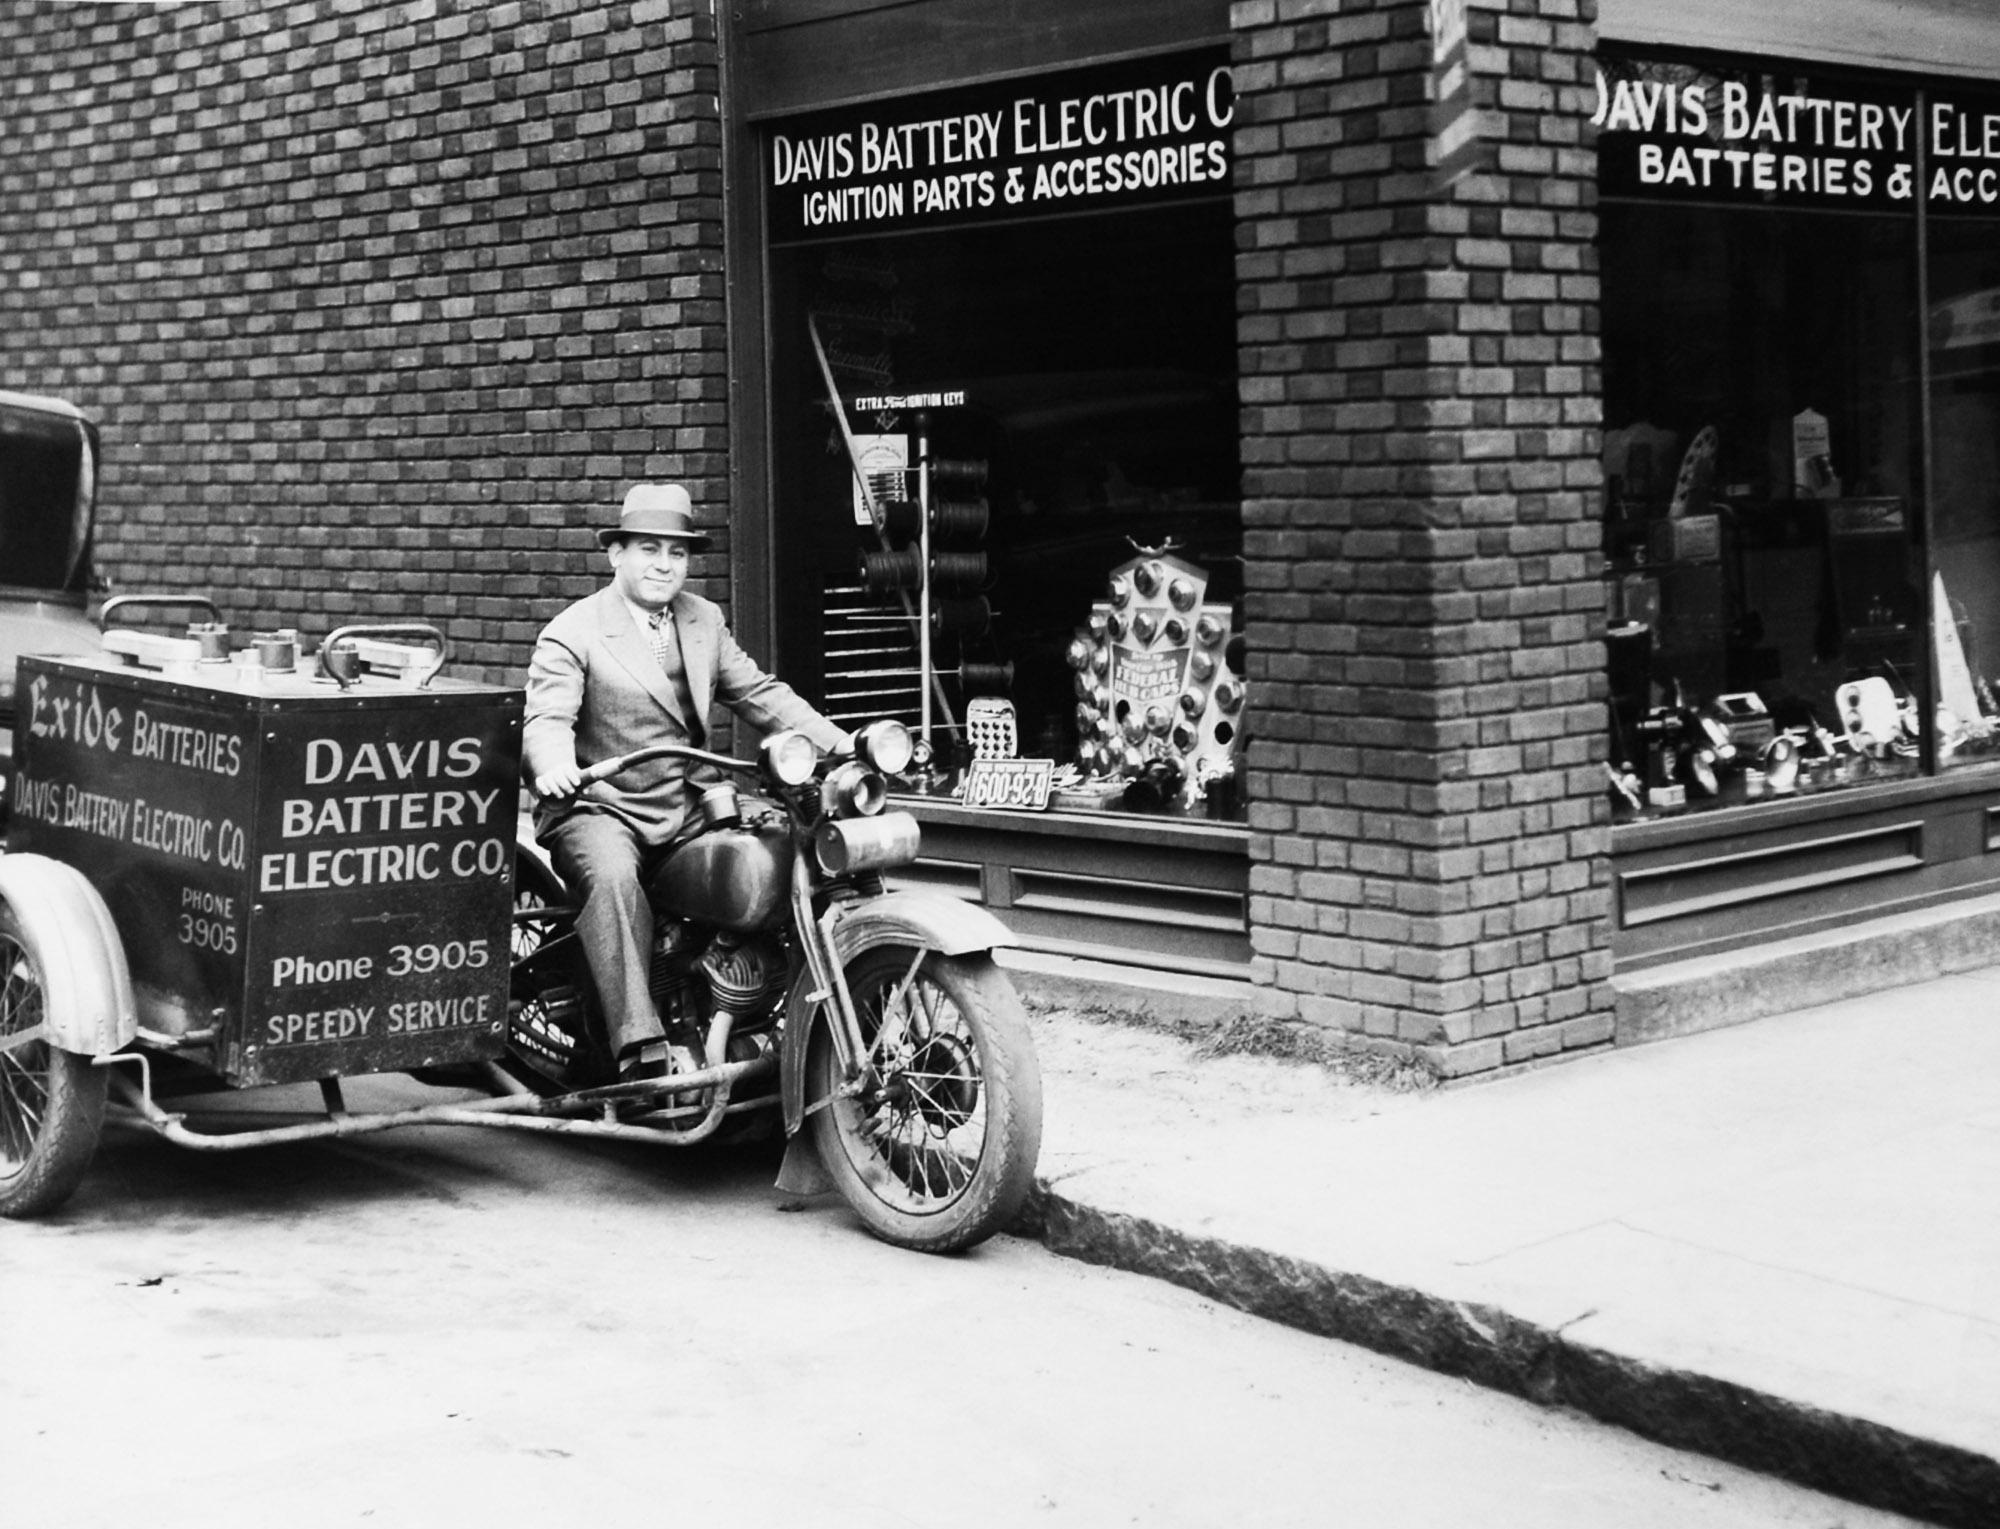 Davis Battery